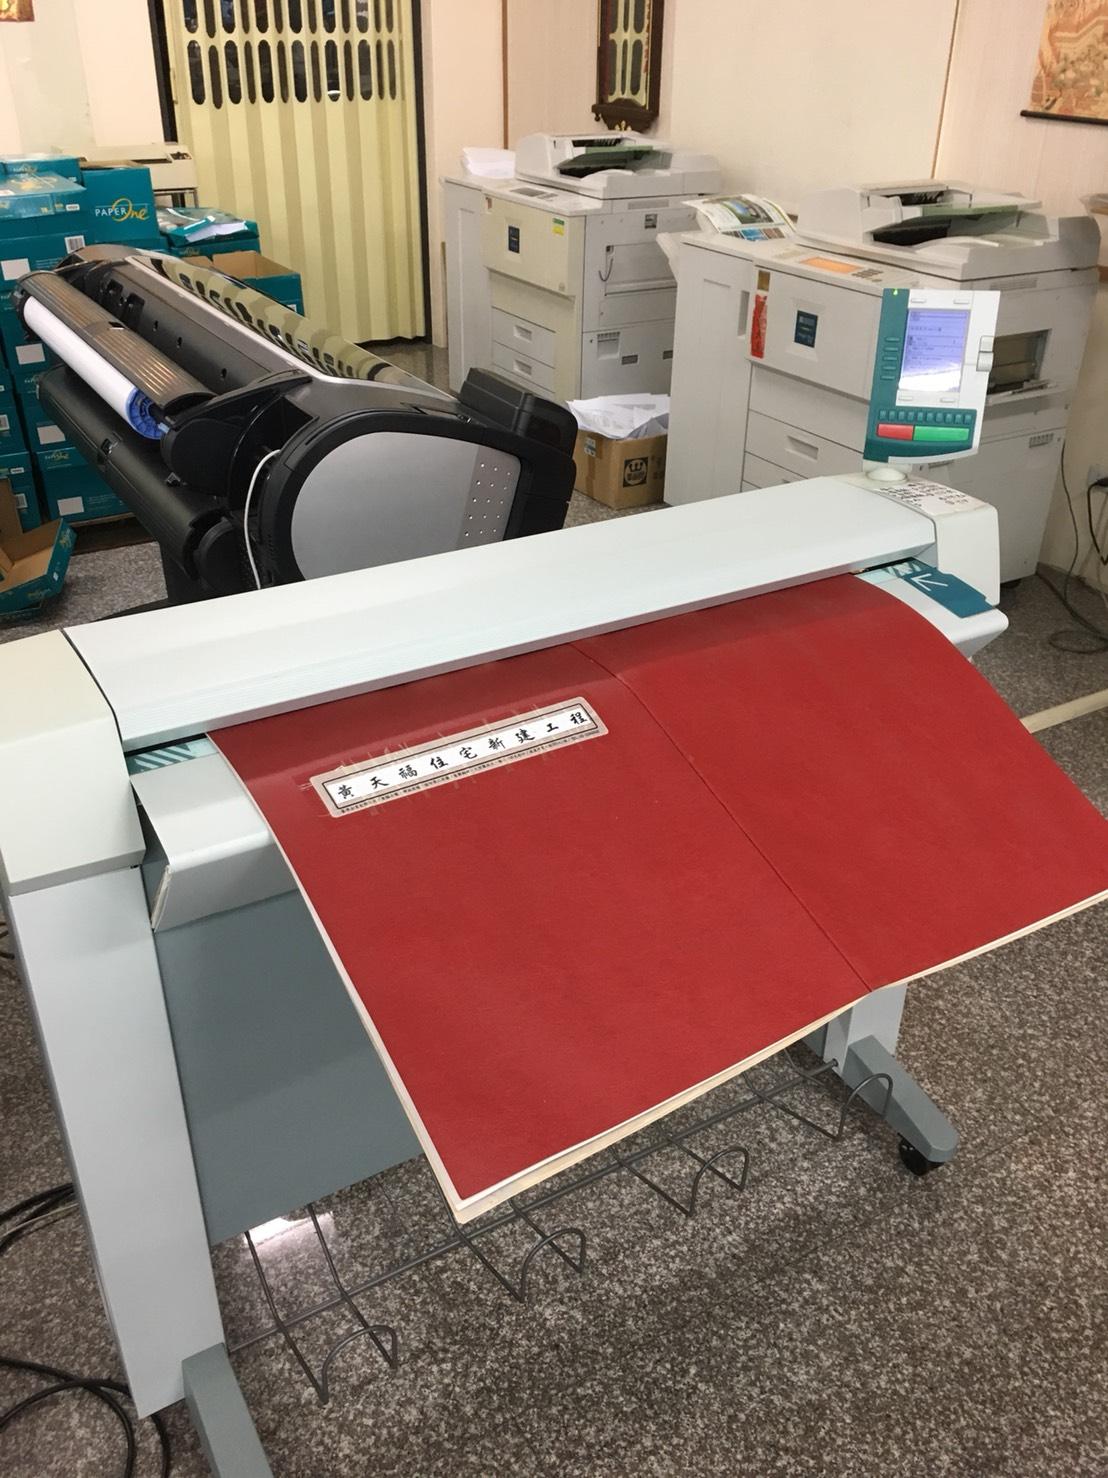 工程圖掃描、複印